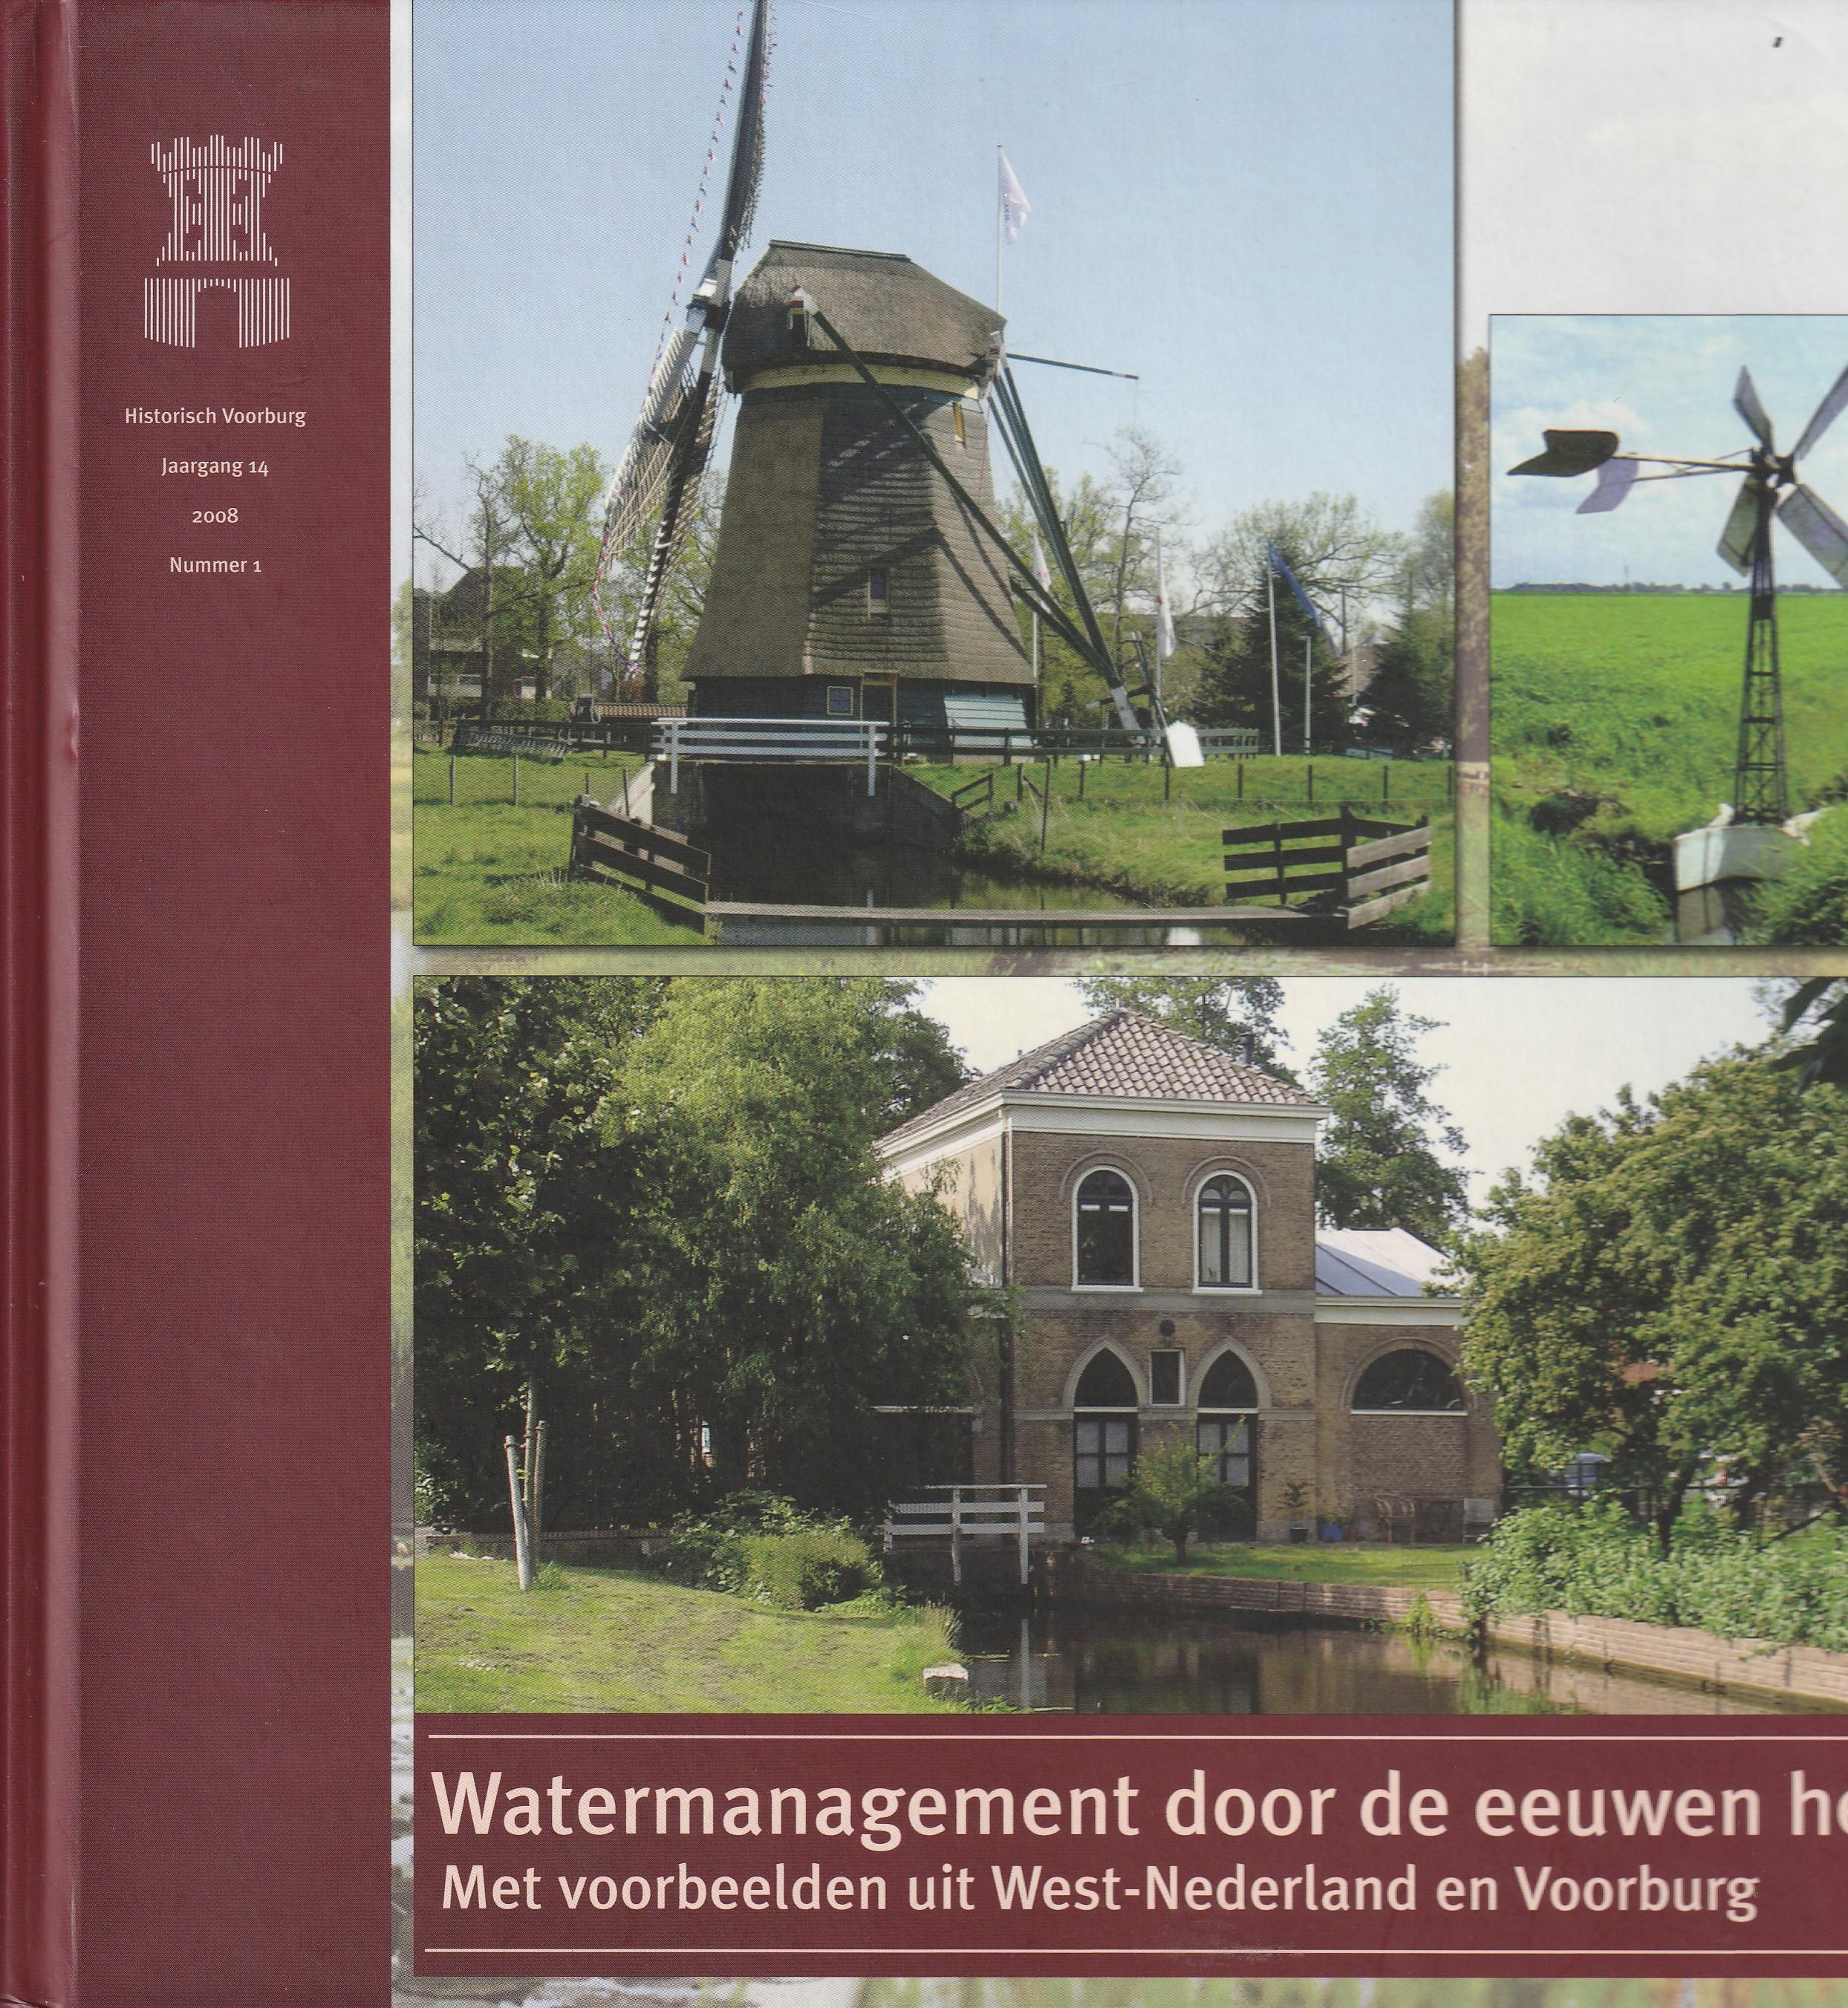 Watermanagement door de eeuwen heen